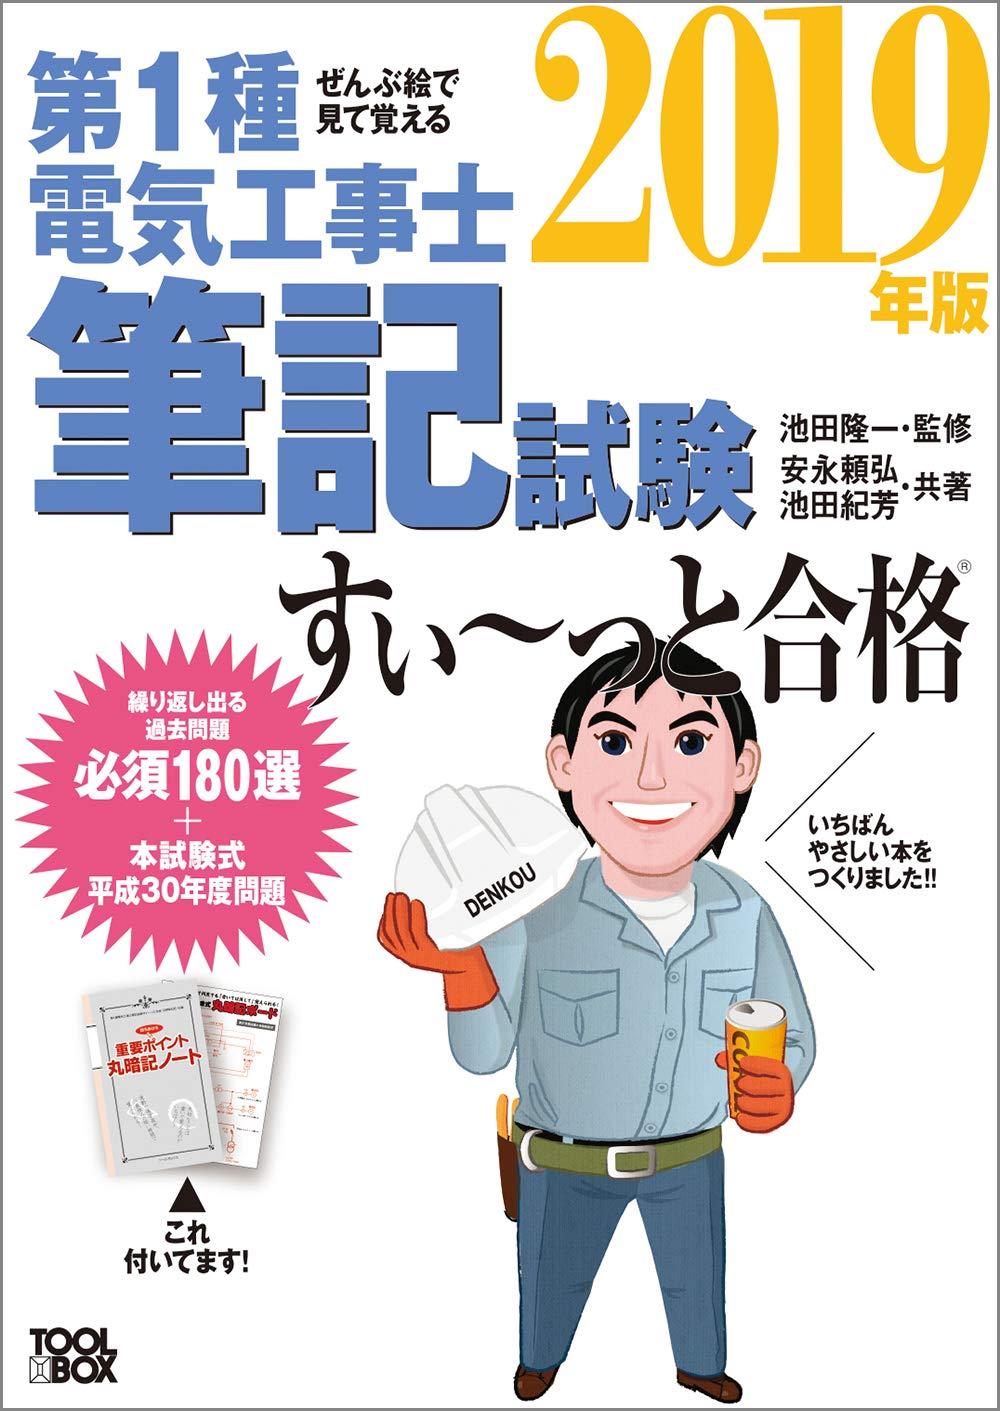 2019年版 絵で見て覚える第1種電気工事士 筆記試験すい~っと合格